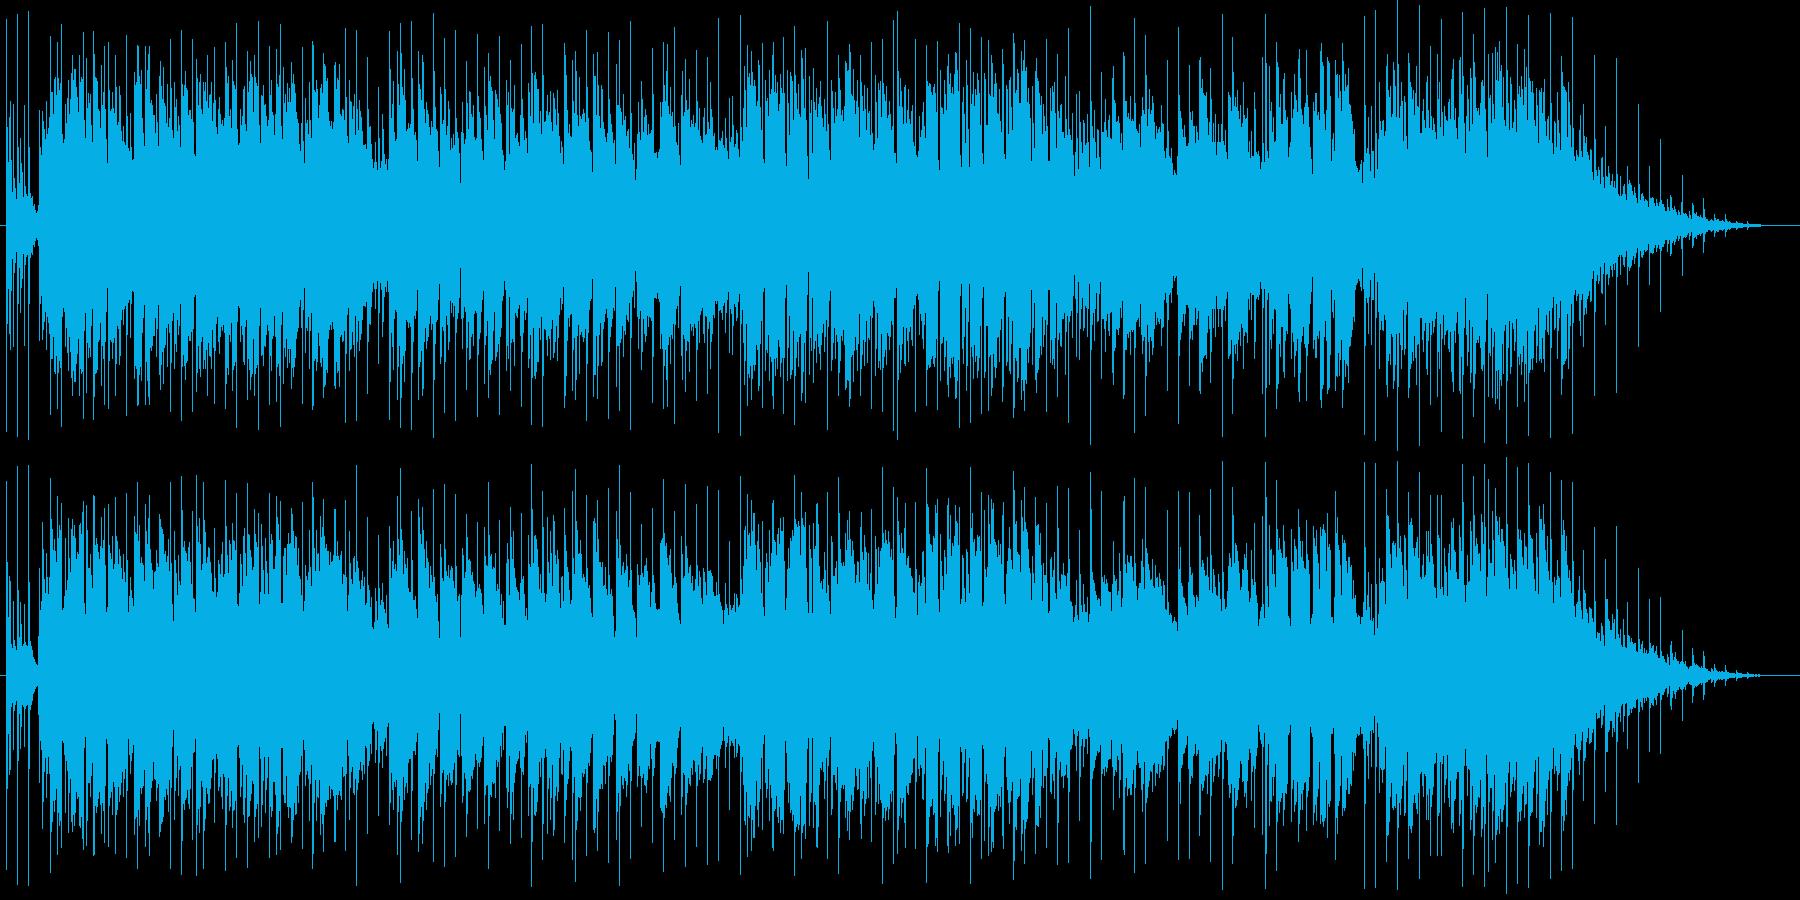 小気味好いリズムとギターのメロディーの再生済みの波形